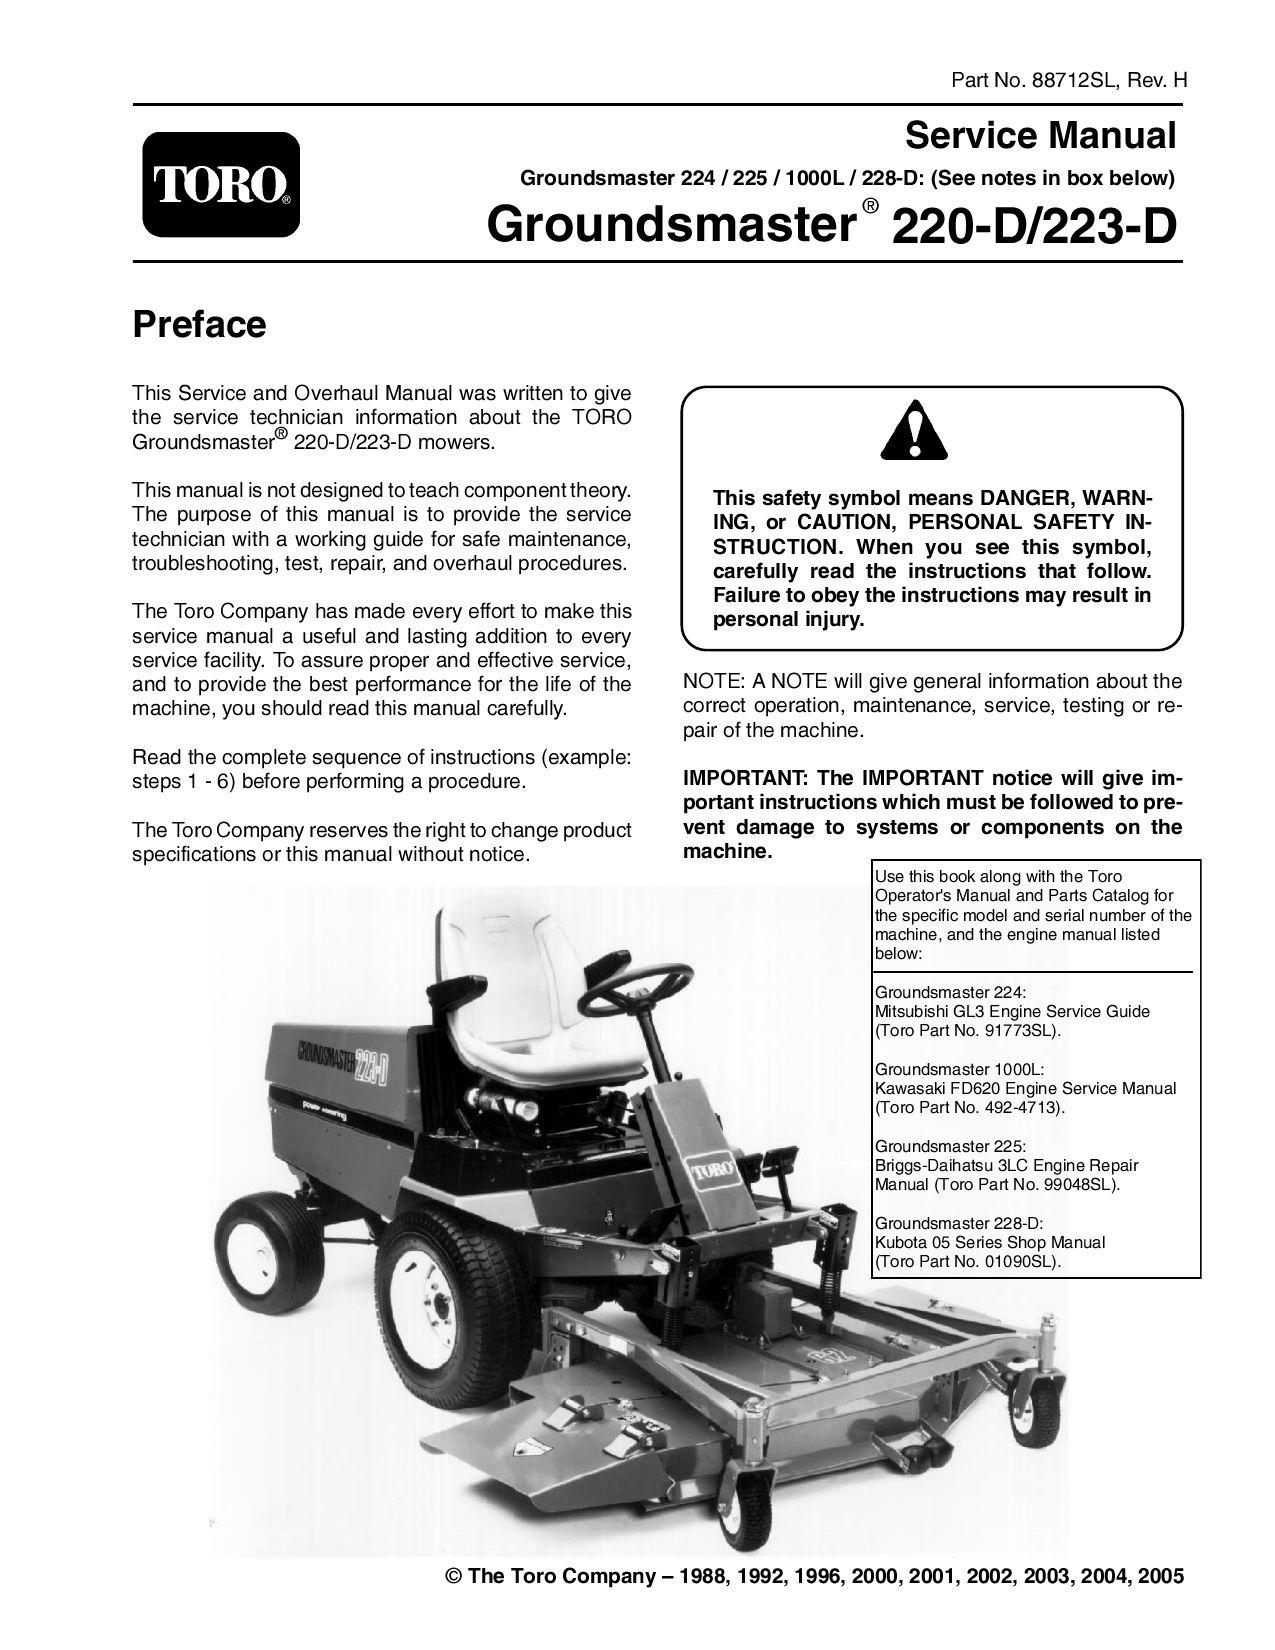 hight resolution of 88712sl pdf groundsmaster 200 series rev h nov 2005 by negimachi negimachi issuu